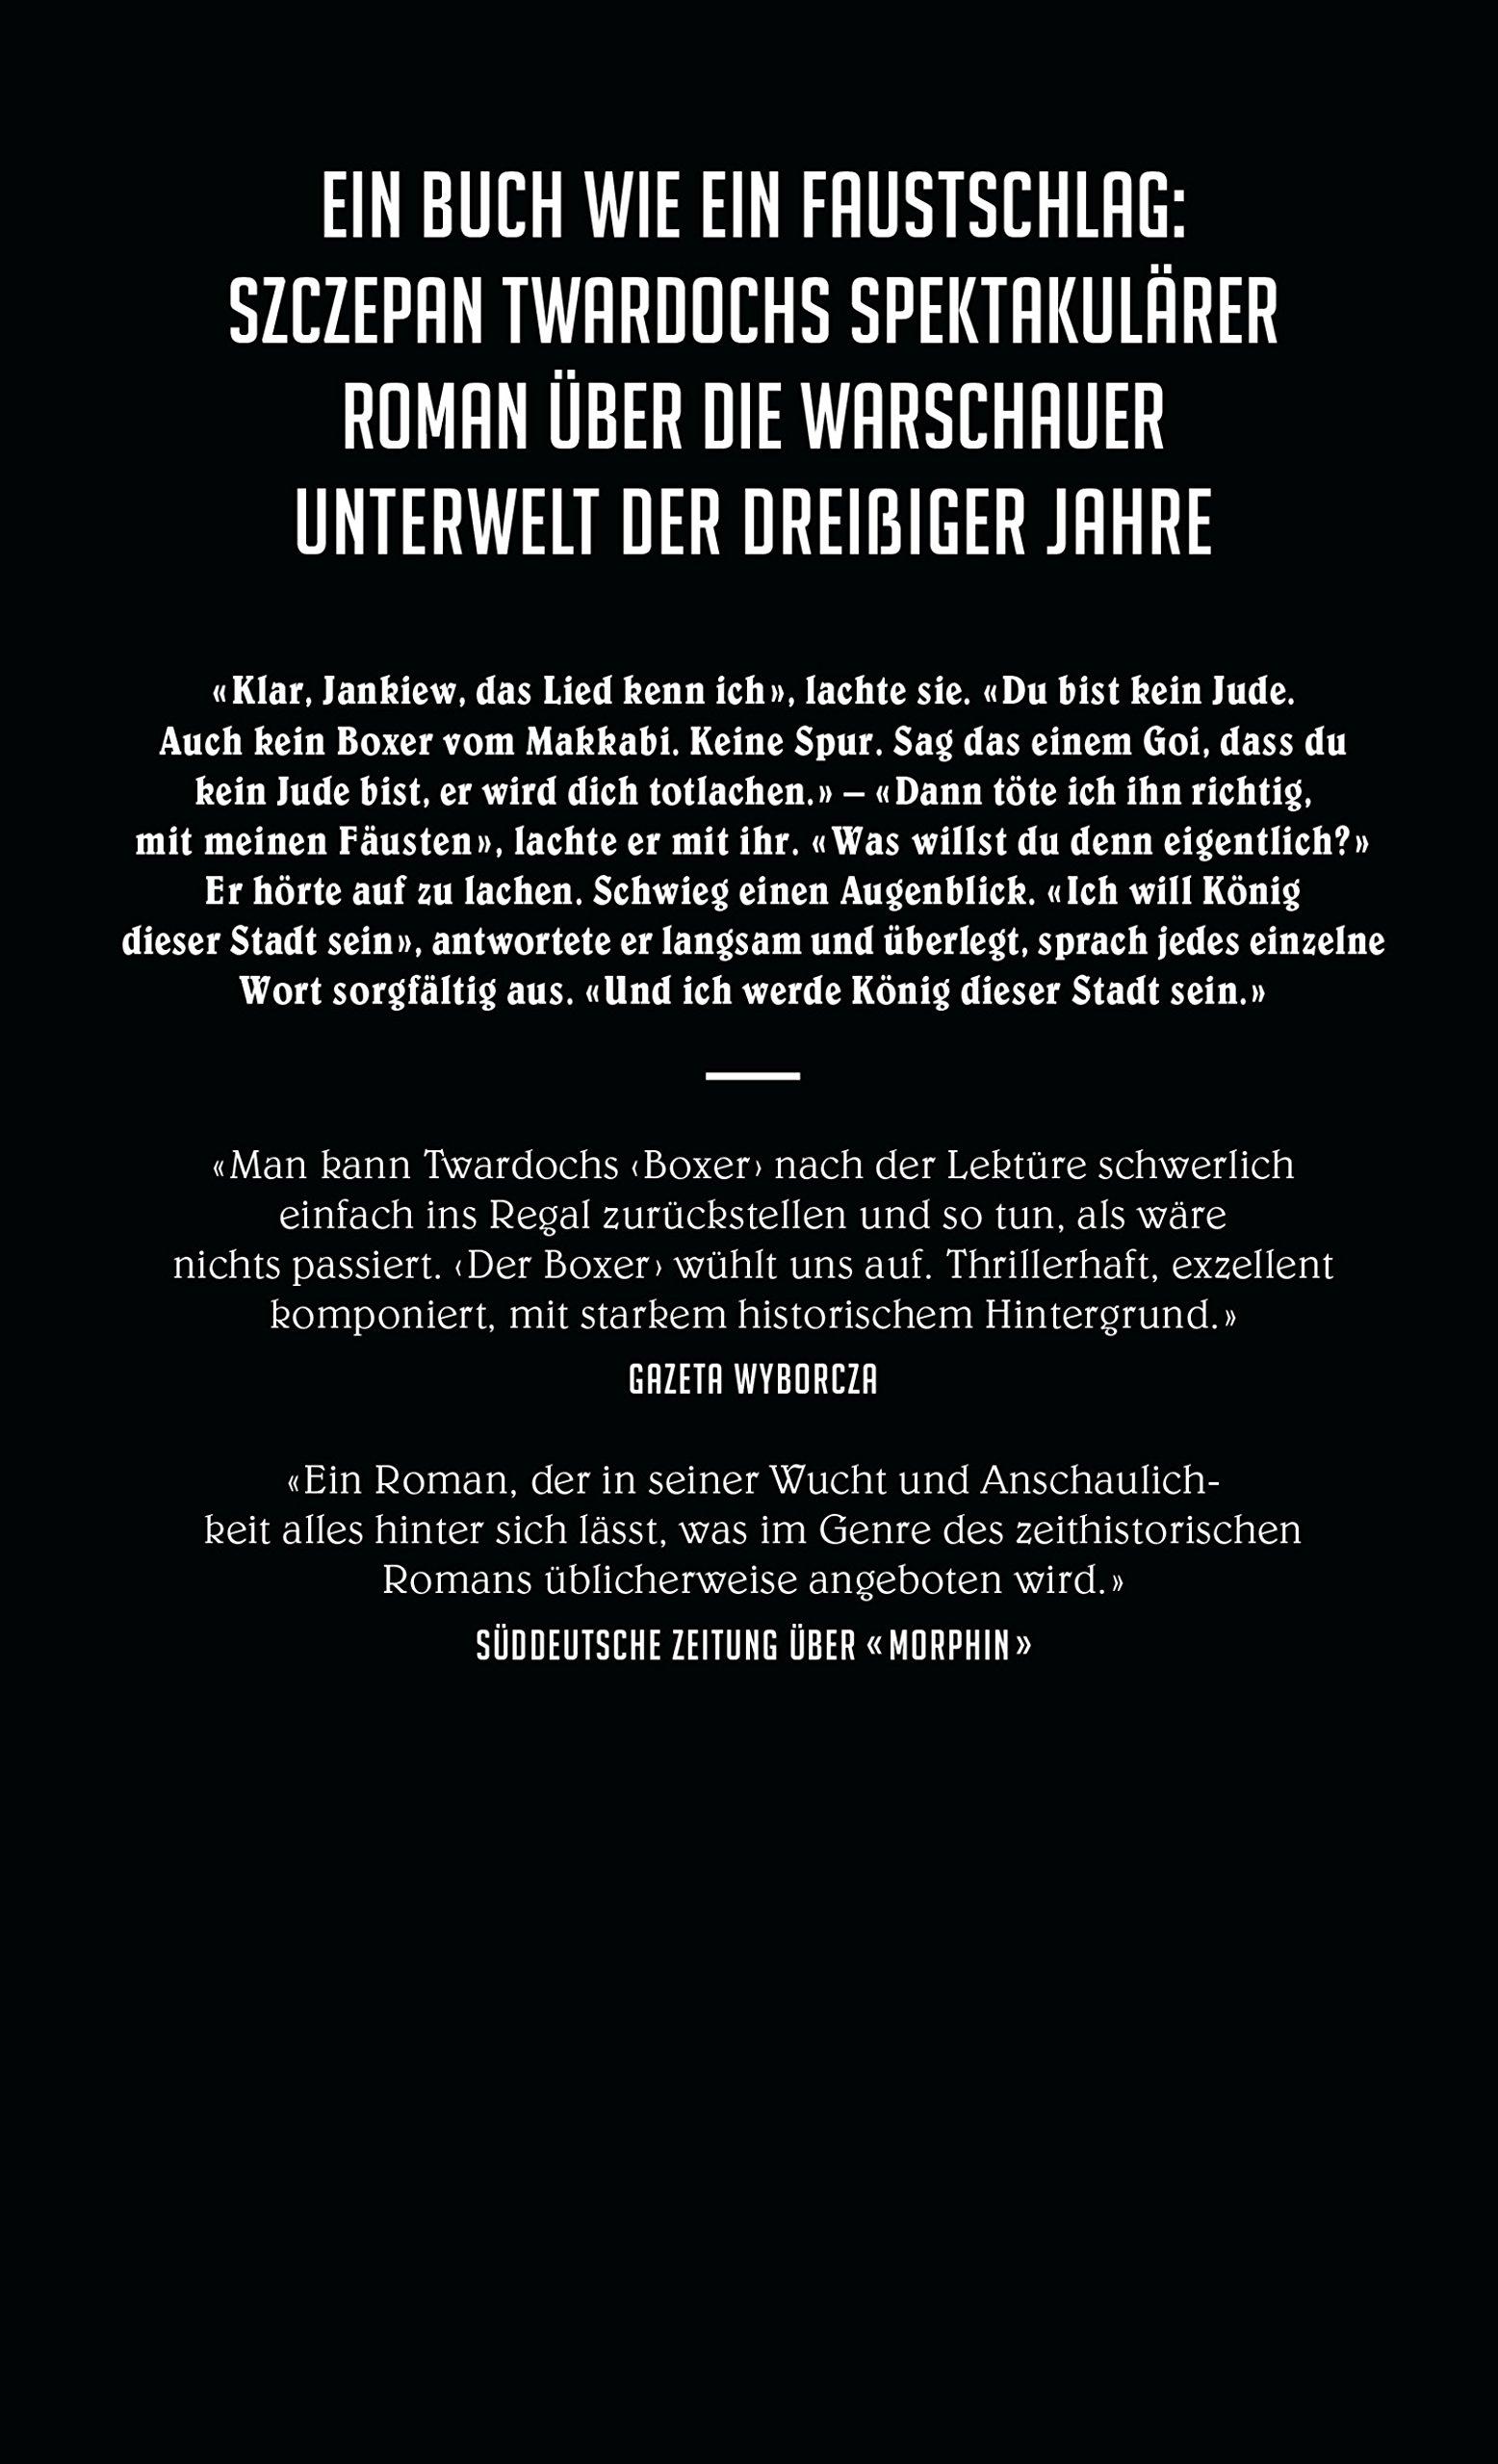 Der Boxer: Amazon.de: Szczepan Twardoch, Olaf Kühl: Bücher